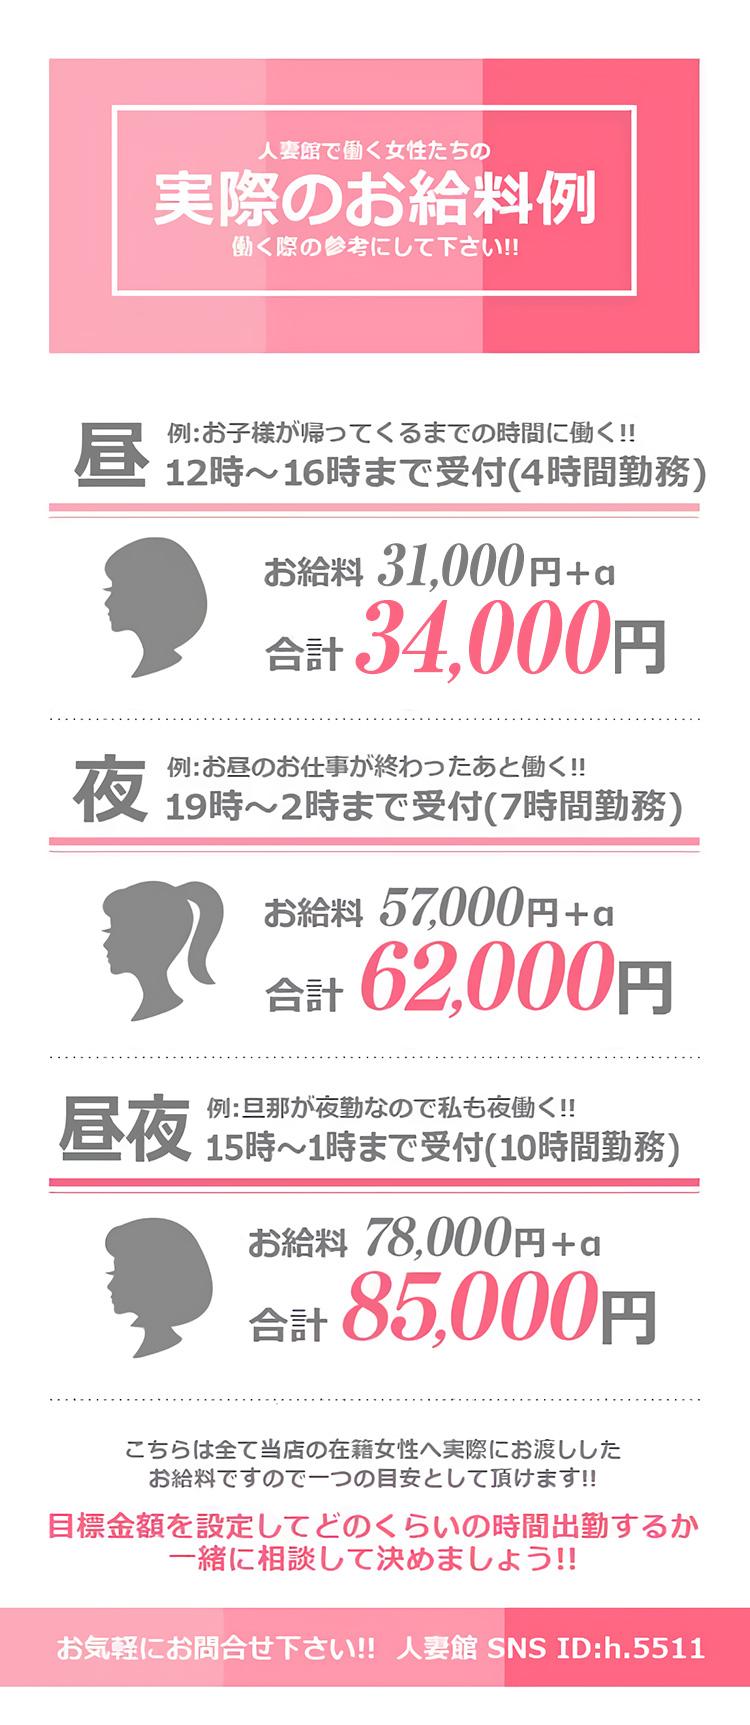 人妻館で働く女性たちの実際のお給料例